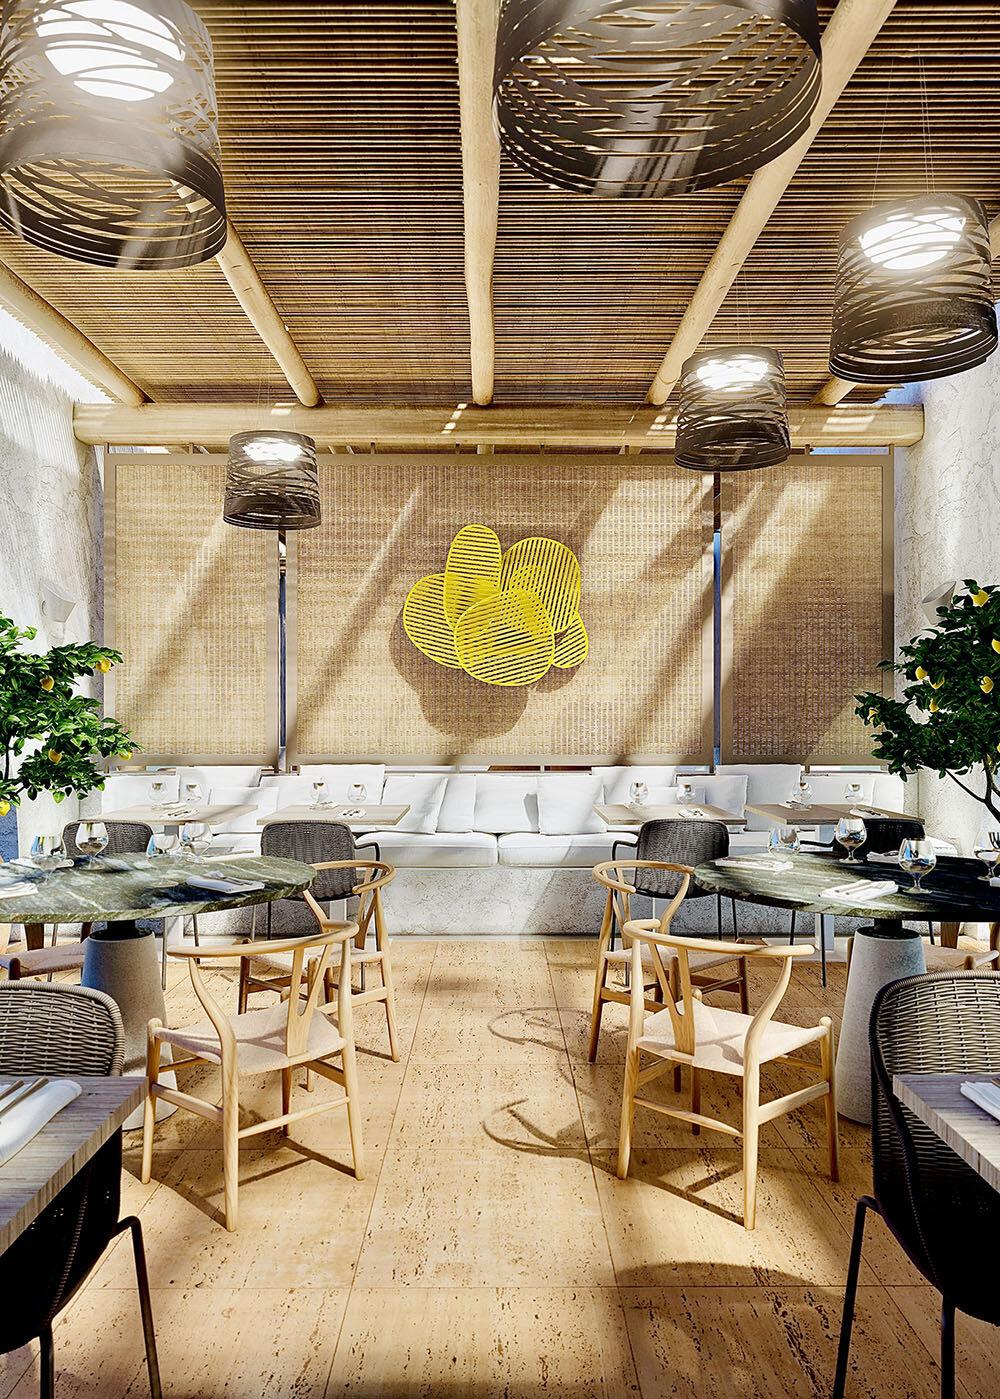 3D Rendering Hospitality Restaurant